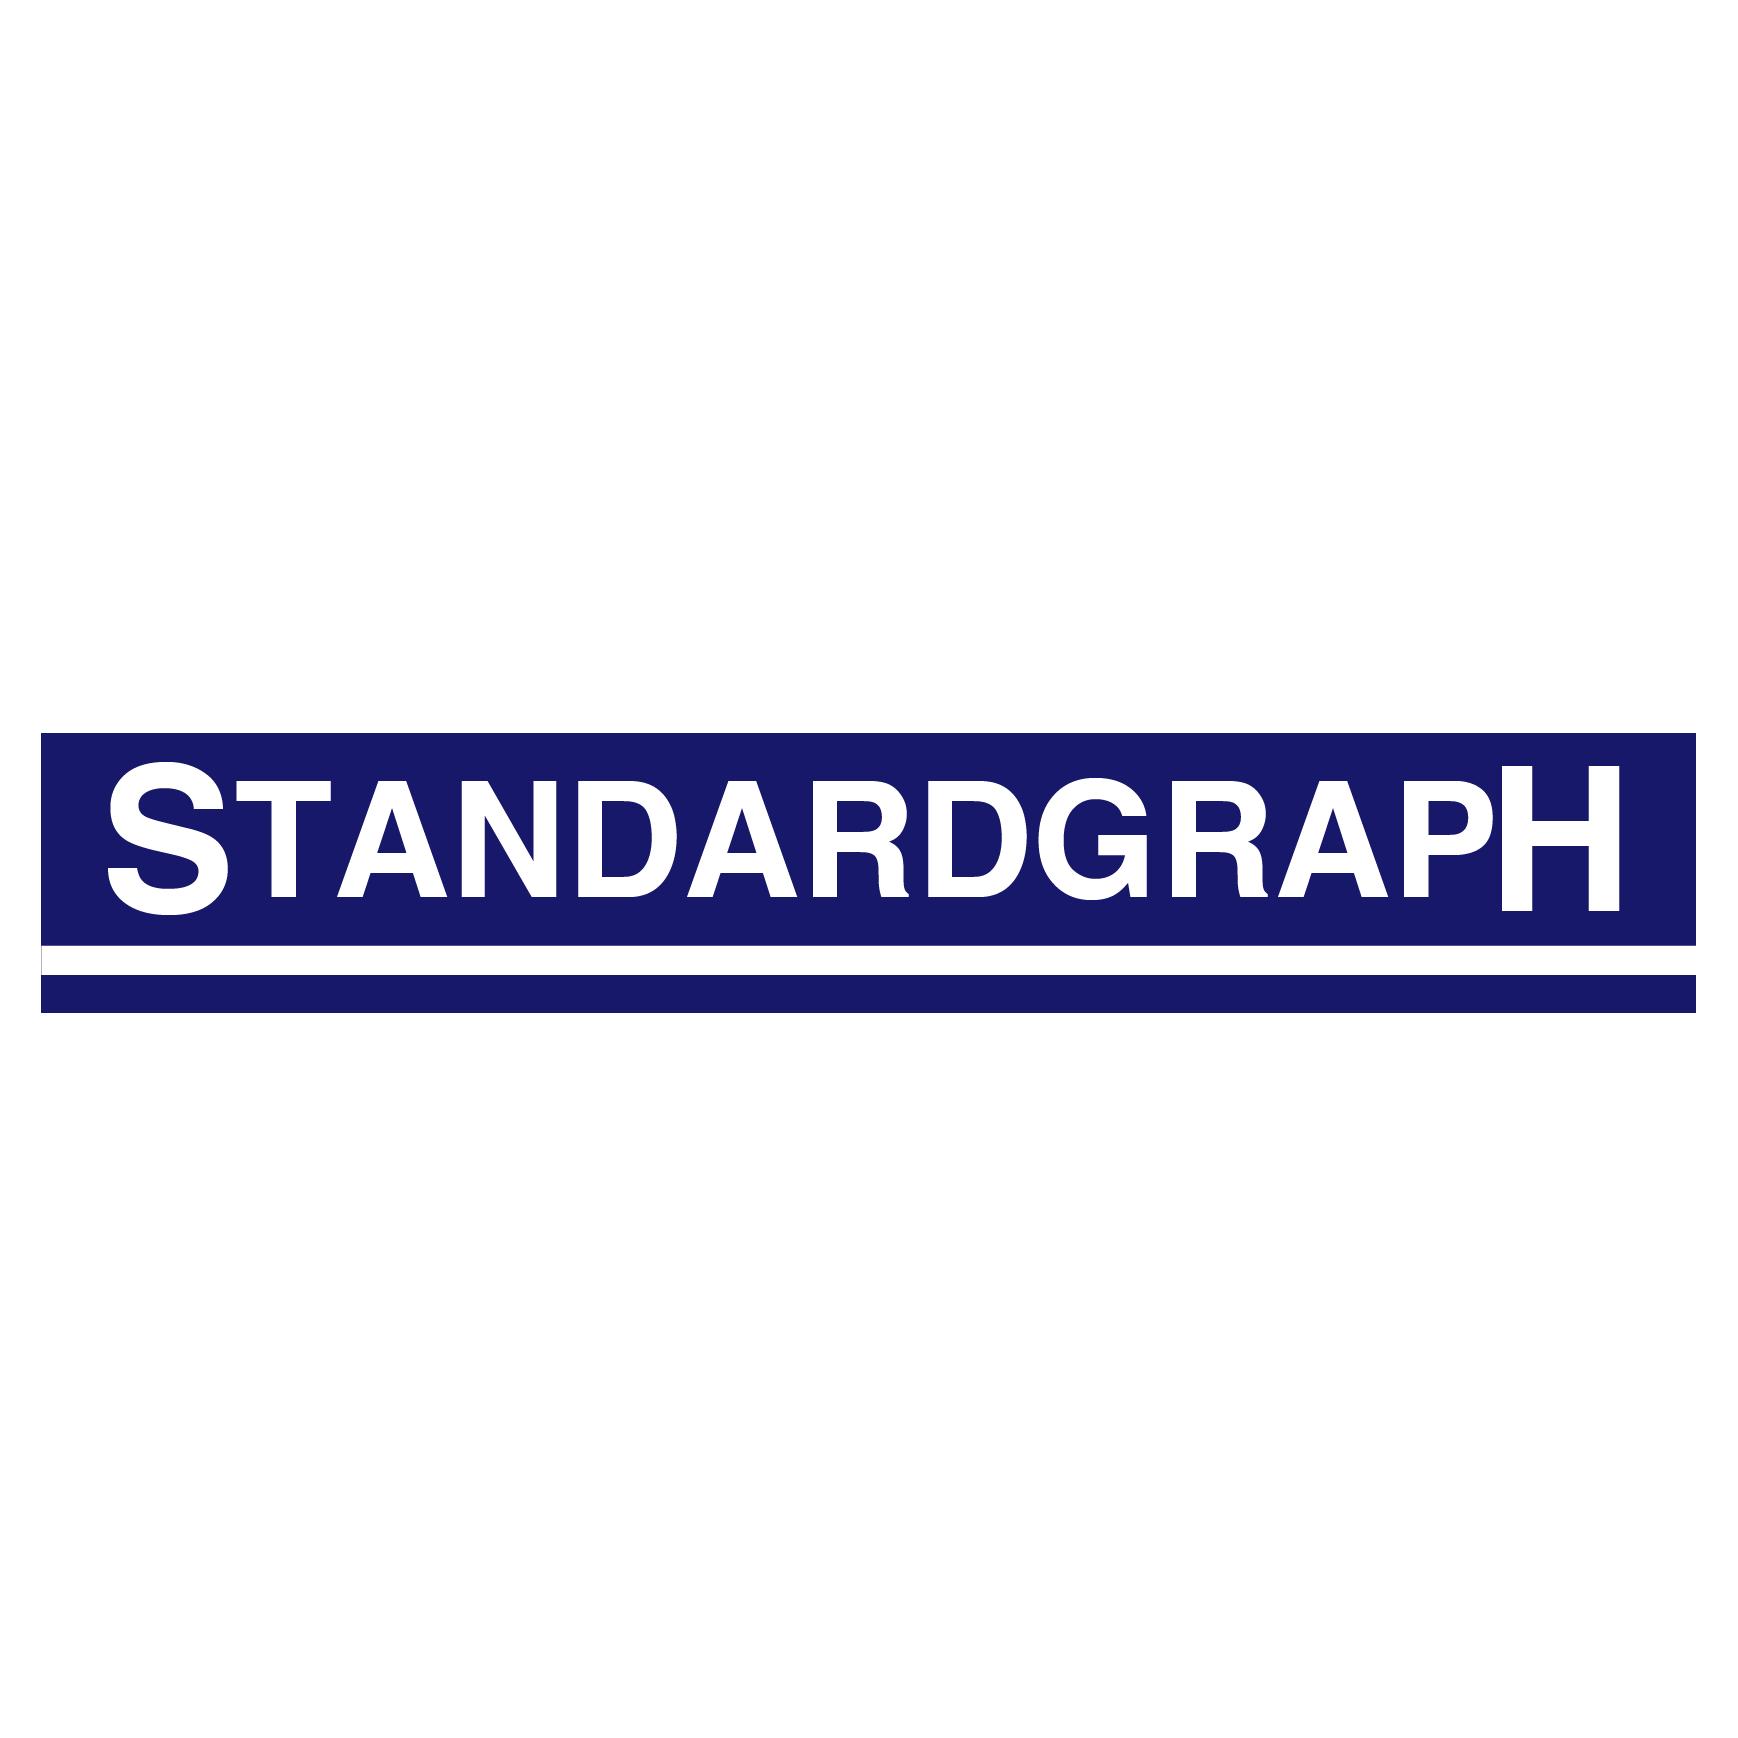 スタンダードグラフ